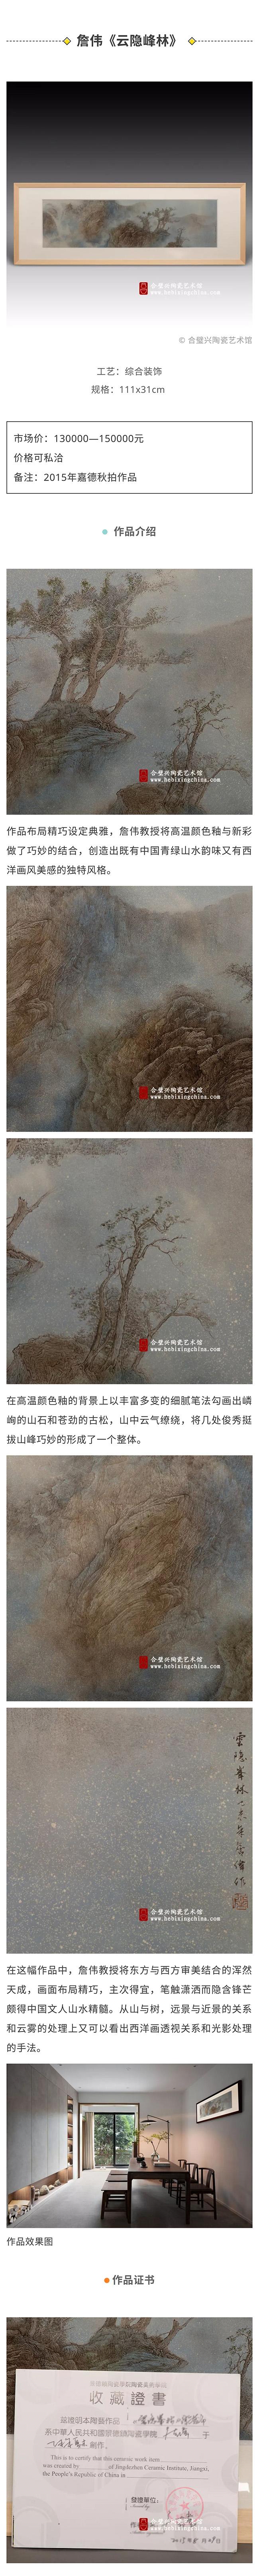 5詹伟-云隐峰林-小.jpg